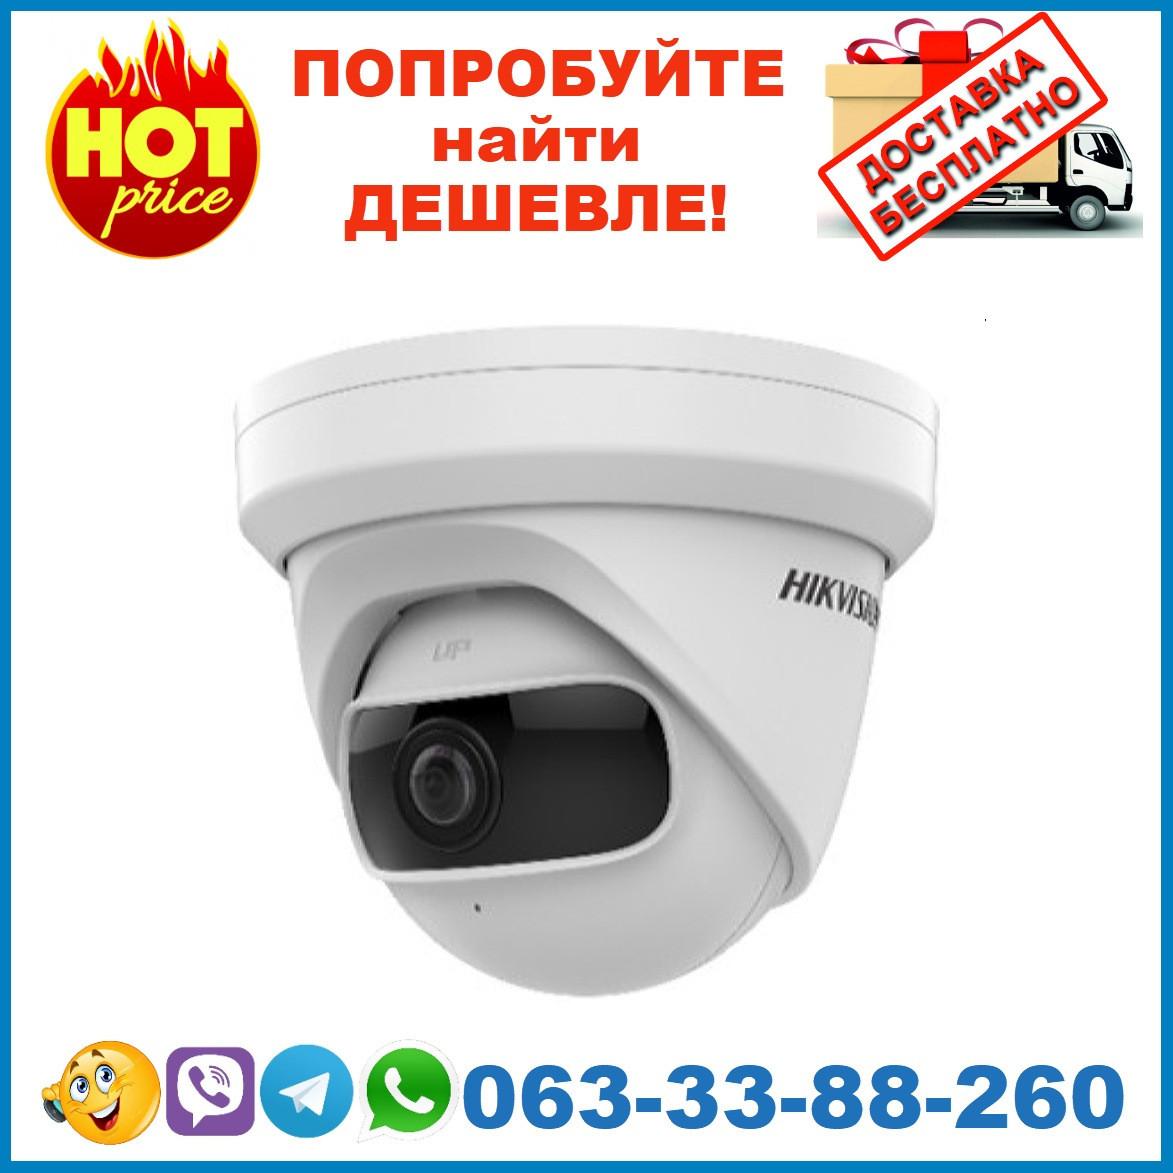 DS-2CD2345G0P-I  4 Мп IP видеокамера Hikvision с ультра-широким углом обзора